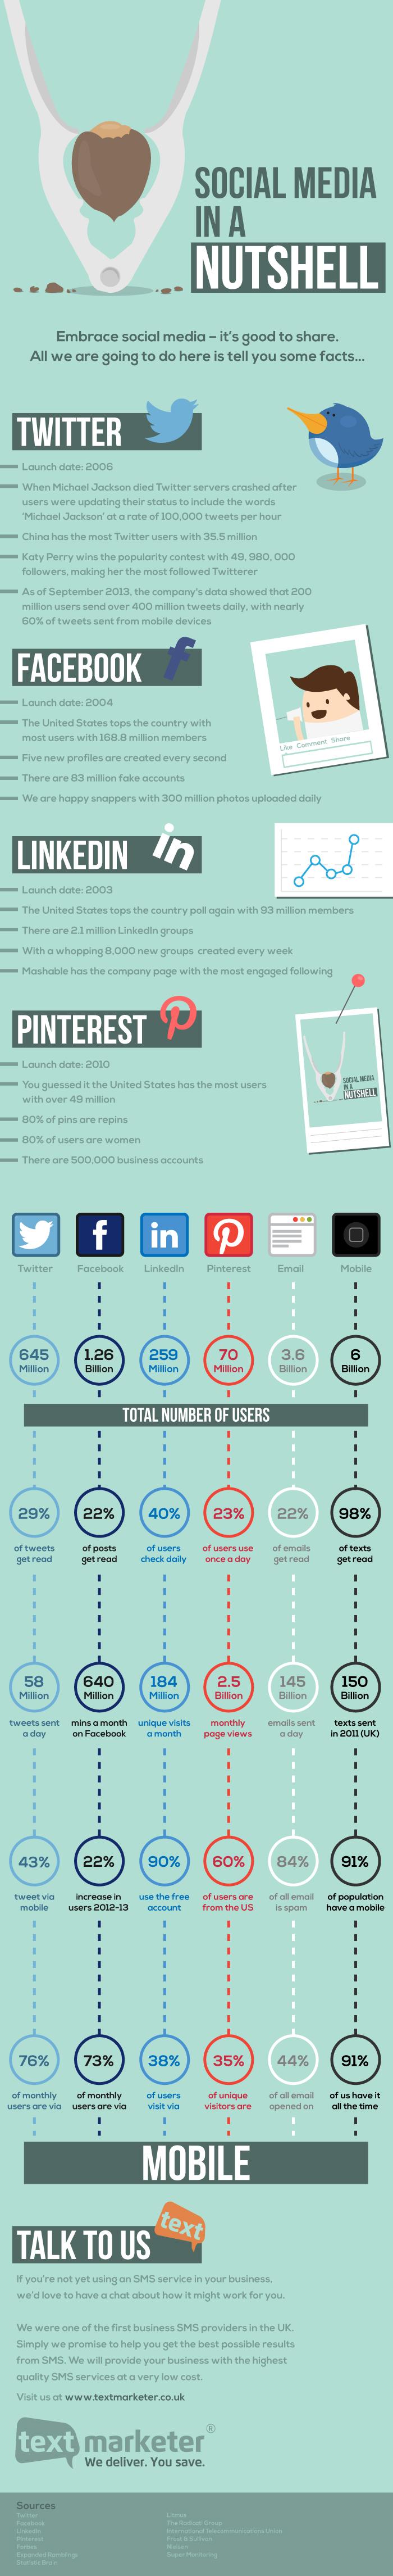 Algunos datos sobre Redes Sociales